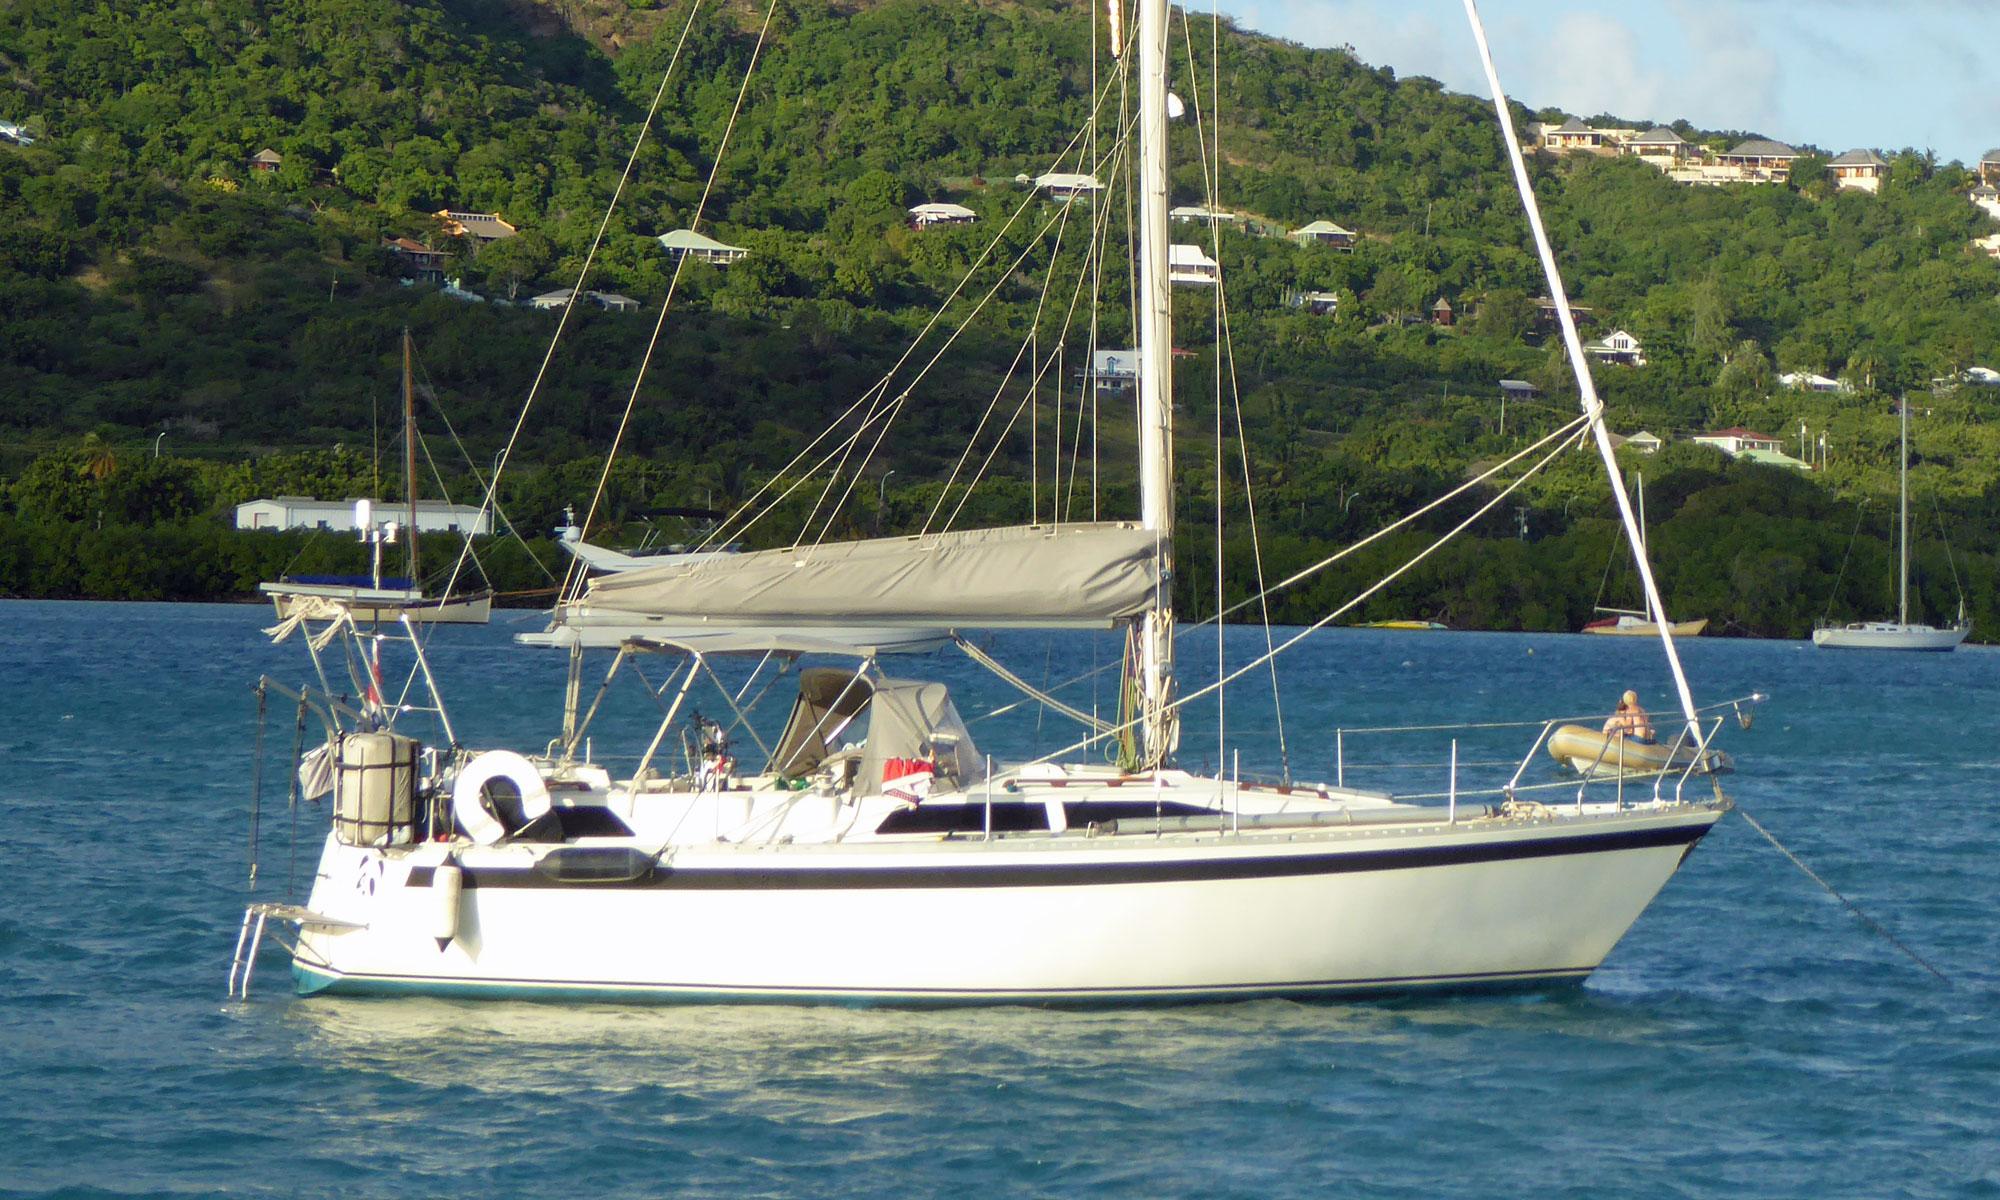 Moody 34 sailboat at anchor